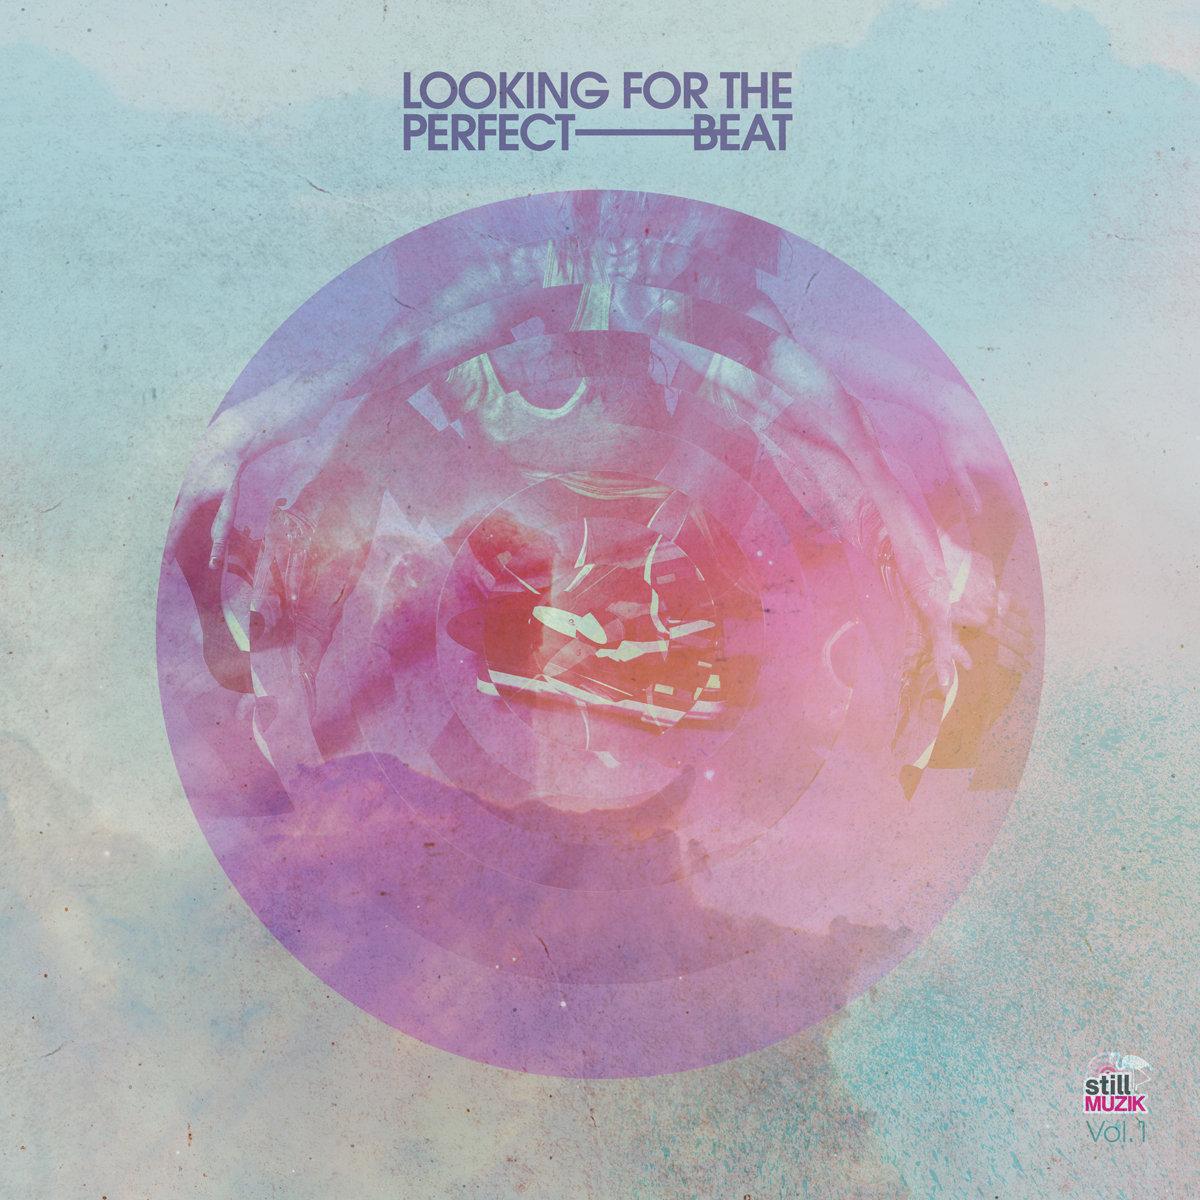 6. stillmuzik - Looking For The Perfect Beat Vol. 1